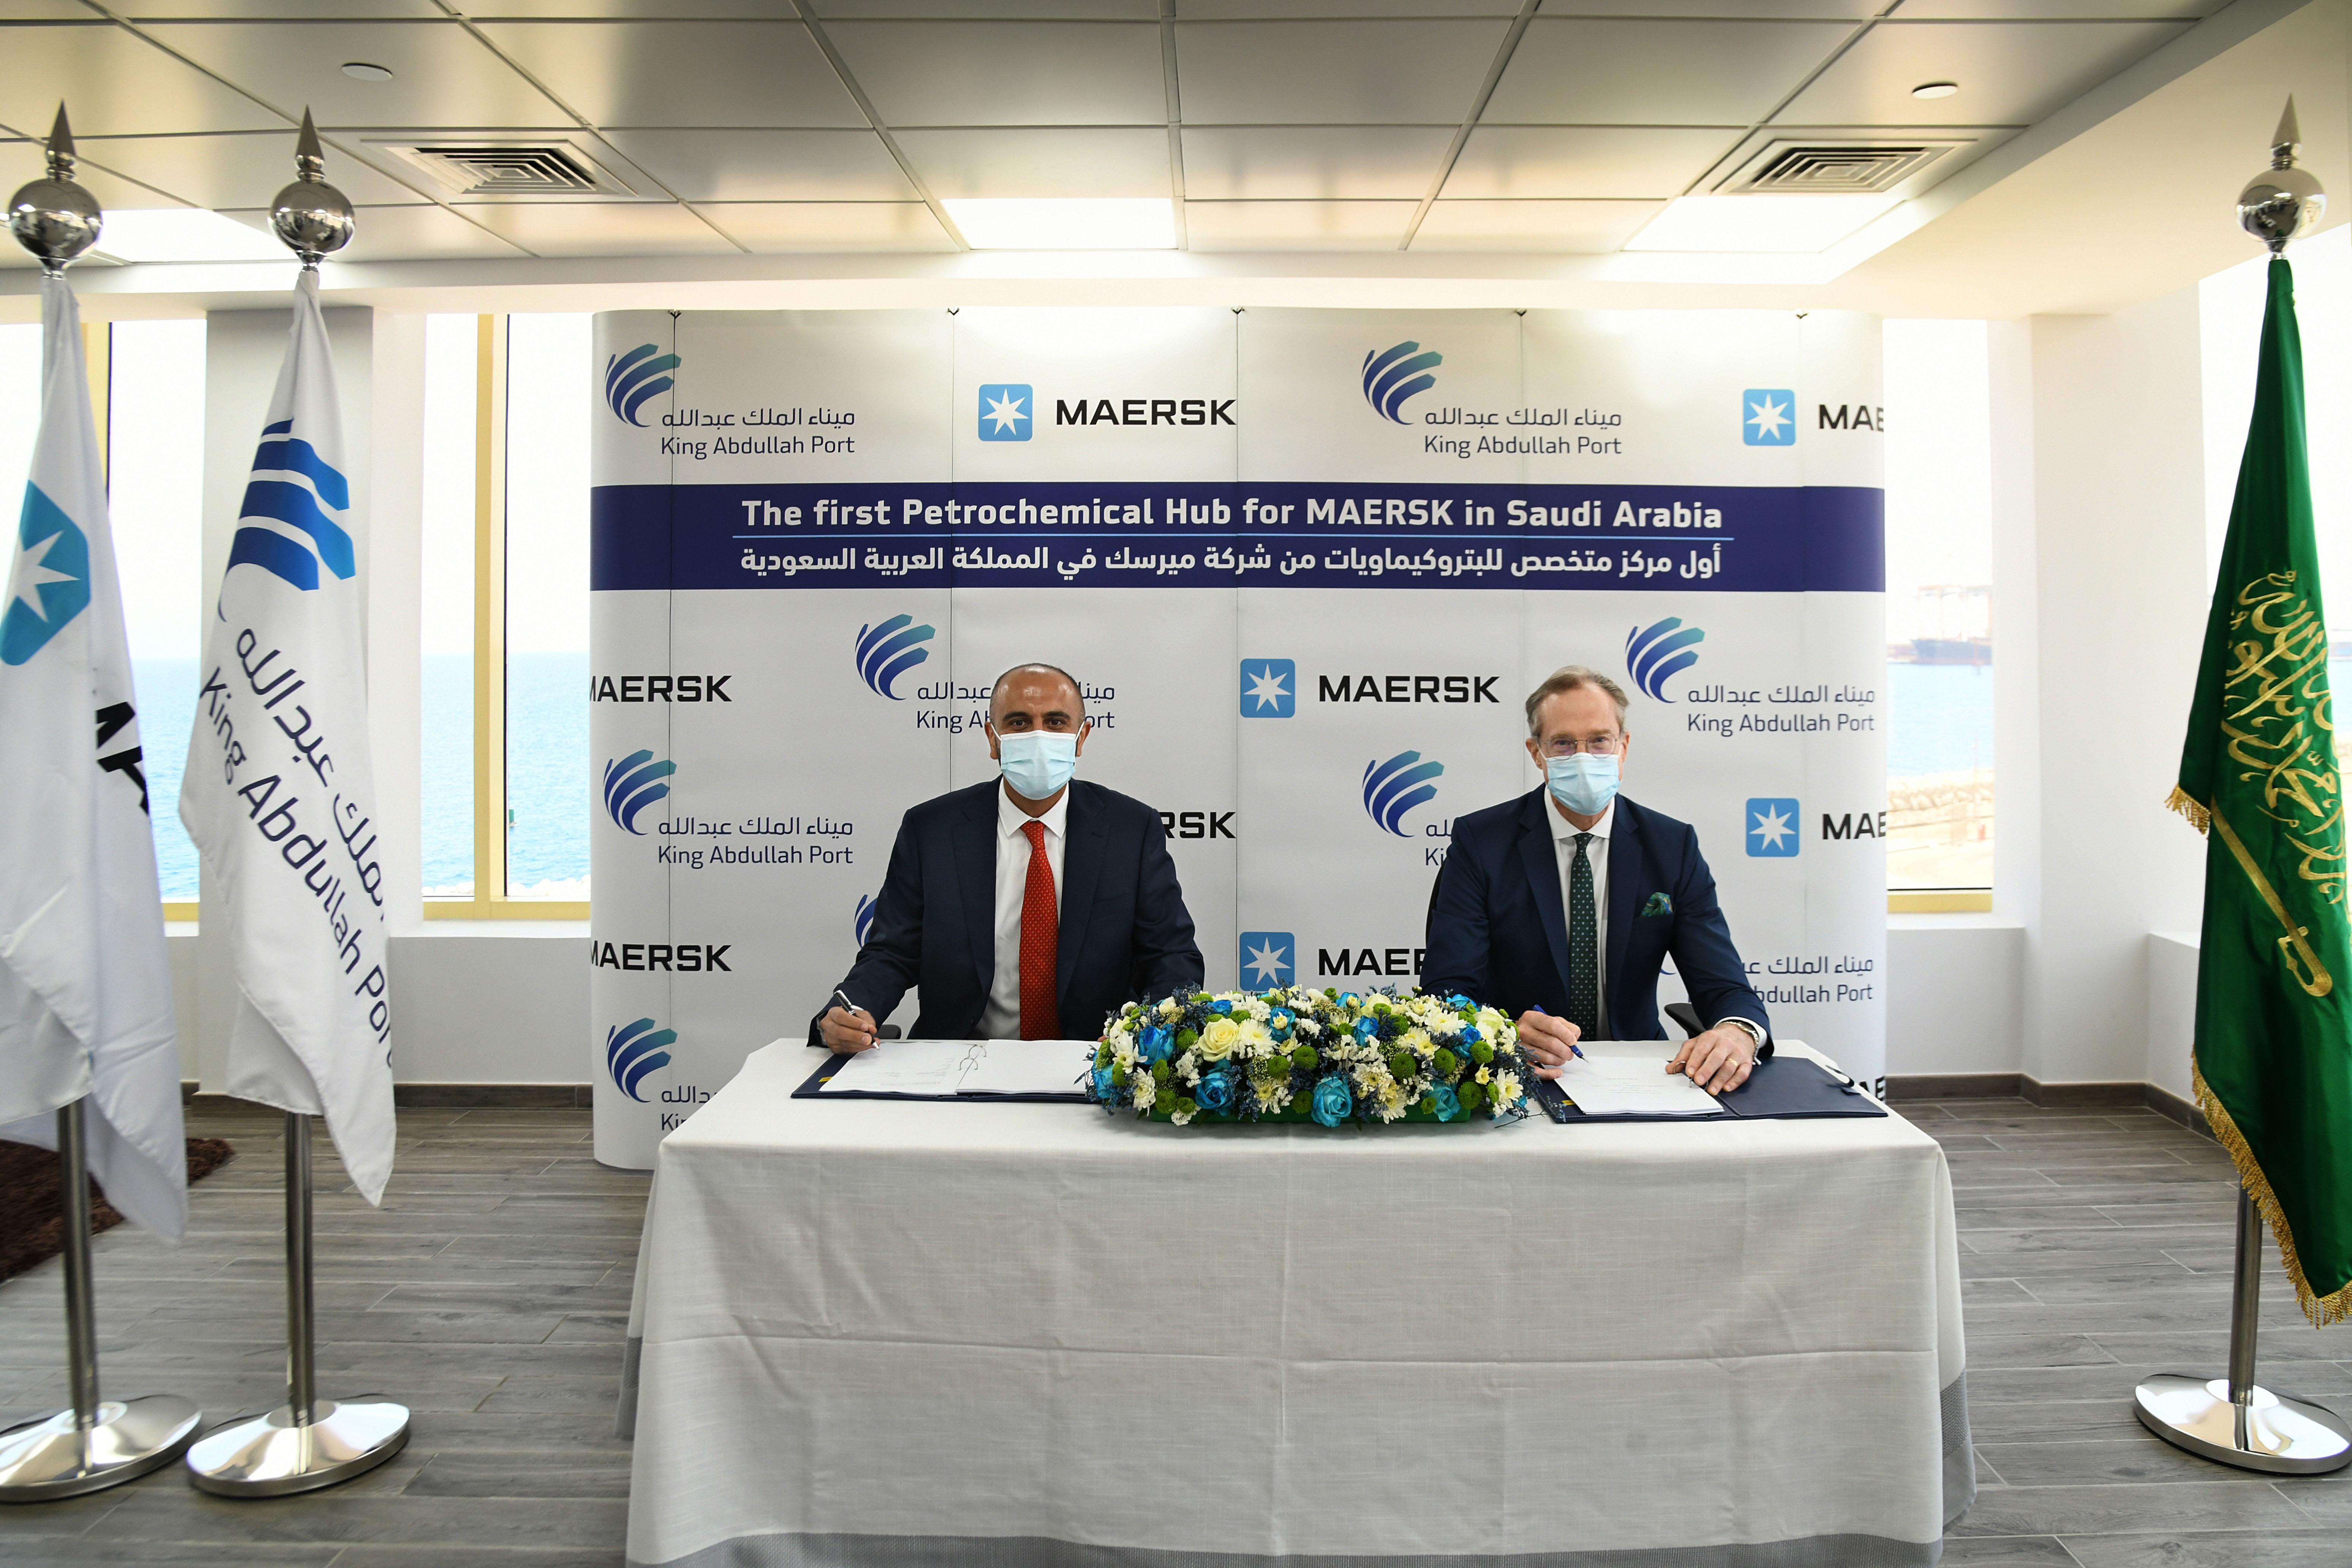 شراكة استراتيجية بين ميرسك السعودية وميناء الملك عبدالله لتأسيس أول مركز للبتروكيماويات للشركة بالمملكة